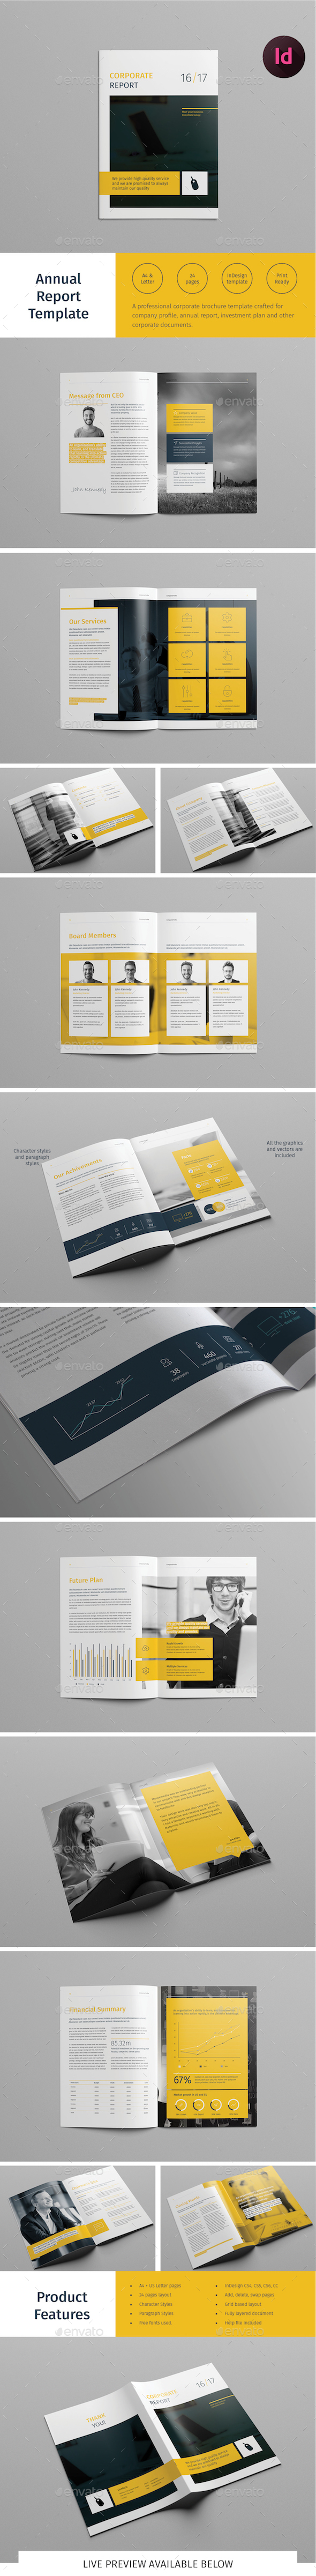 Report Template - Informational Brochures